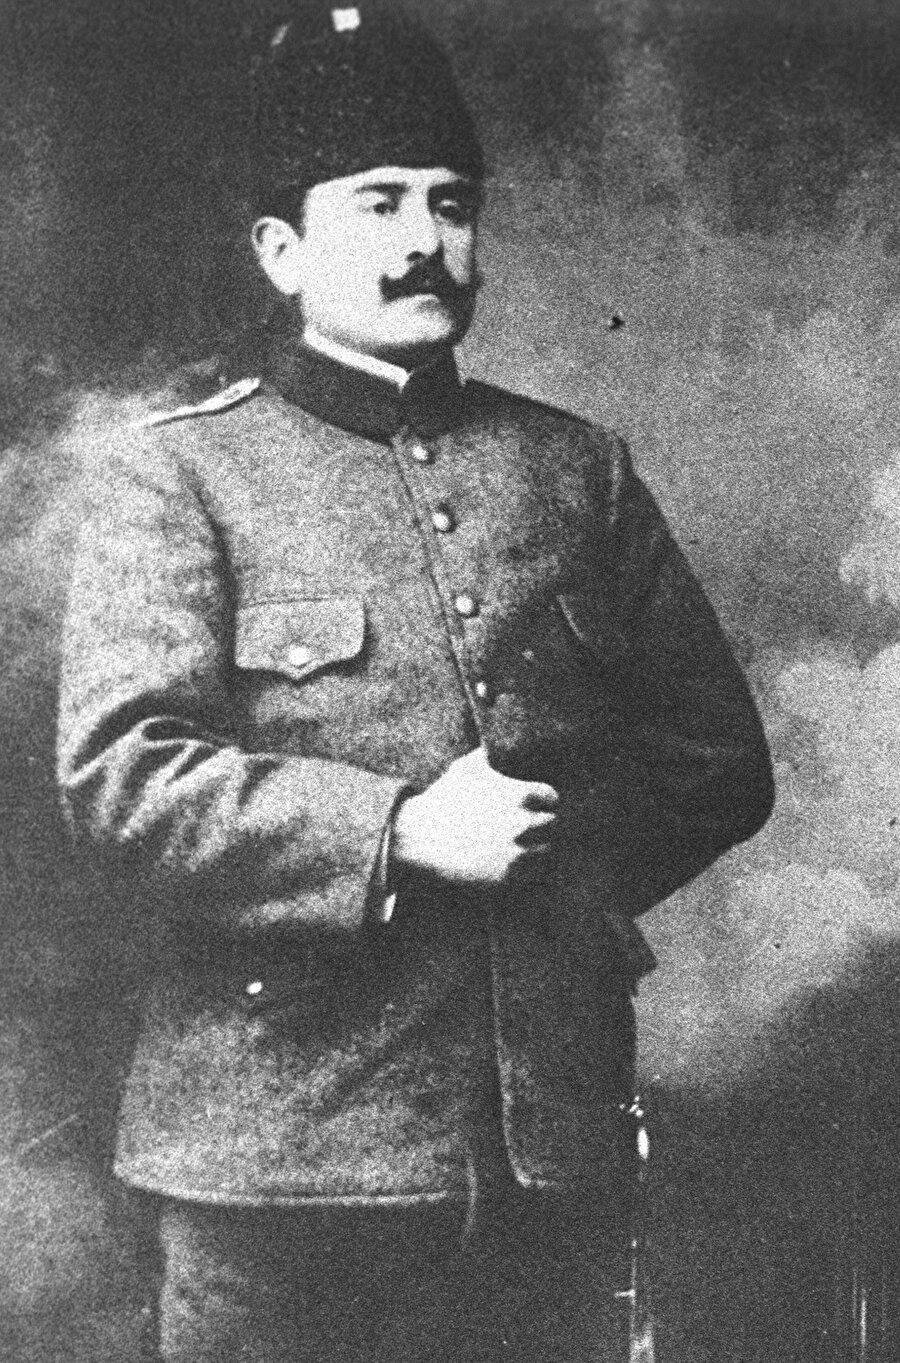 """Kazım Karabekir kimdir?                                      Kazım Karabekir, aslen Karaman'ın Karabekir ilçesinden olan Osmanlı Ordusu subaylarından Mehmet Emin Paşa ile Havva Hanım'ın 5 erkek çocuğundan biri olarak 23 Temmuz 1882'de İstanbul Kocamustafapaşa'da dünyaya geldi.          İlkokula İstanbul'da başlayan Kazım Karabekir, babasının görevi dolayısıyla Van ve Harput'ta devam ettiği ilk eğitimini Mekke'de tamamladı. Orta öğrenimini İstanbul Fatih Askeri Rüştiyesi ile Kuleli Askeri Lisesi'nde sürdüren Karabekir, Harp Okulunu 1902'de bitirdi. Mekteb-i Erkan-ı Harbiye'yi 1905'te birincilikle tamamlayarak """"Altın Maarif"""" madalyası ile taltif edilen Kazım Karabekir, bu okuldan """"Kurmay Yüzbaşı"""" rütbesiyle mezun oldu."""